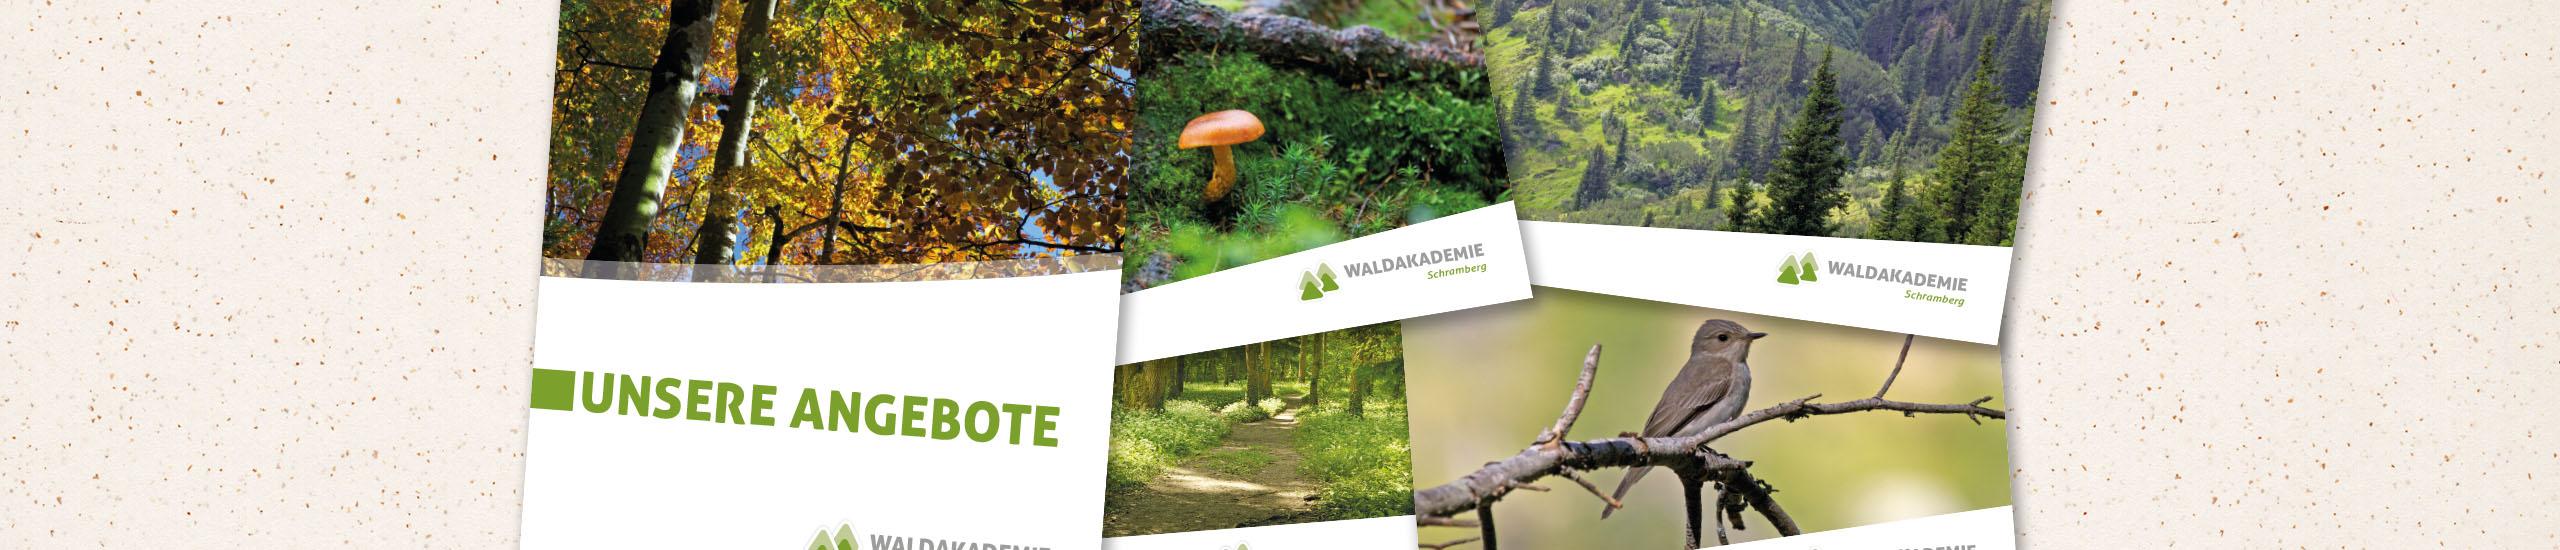 Waldakademie-Schramberg-sudhaus7-2